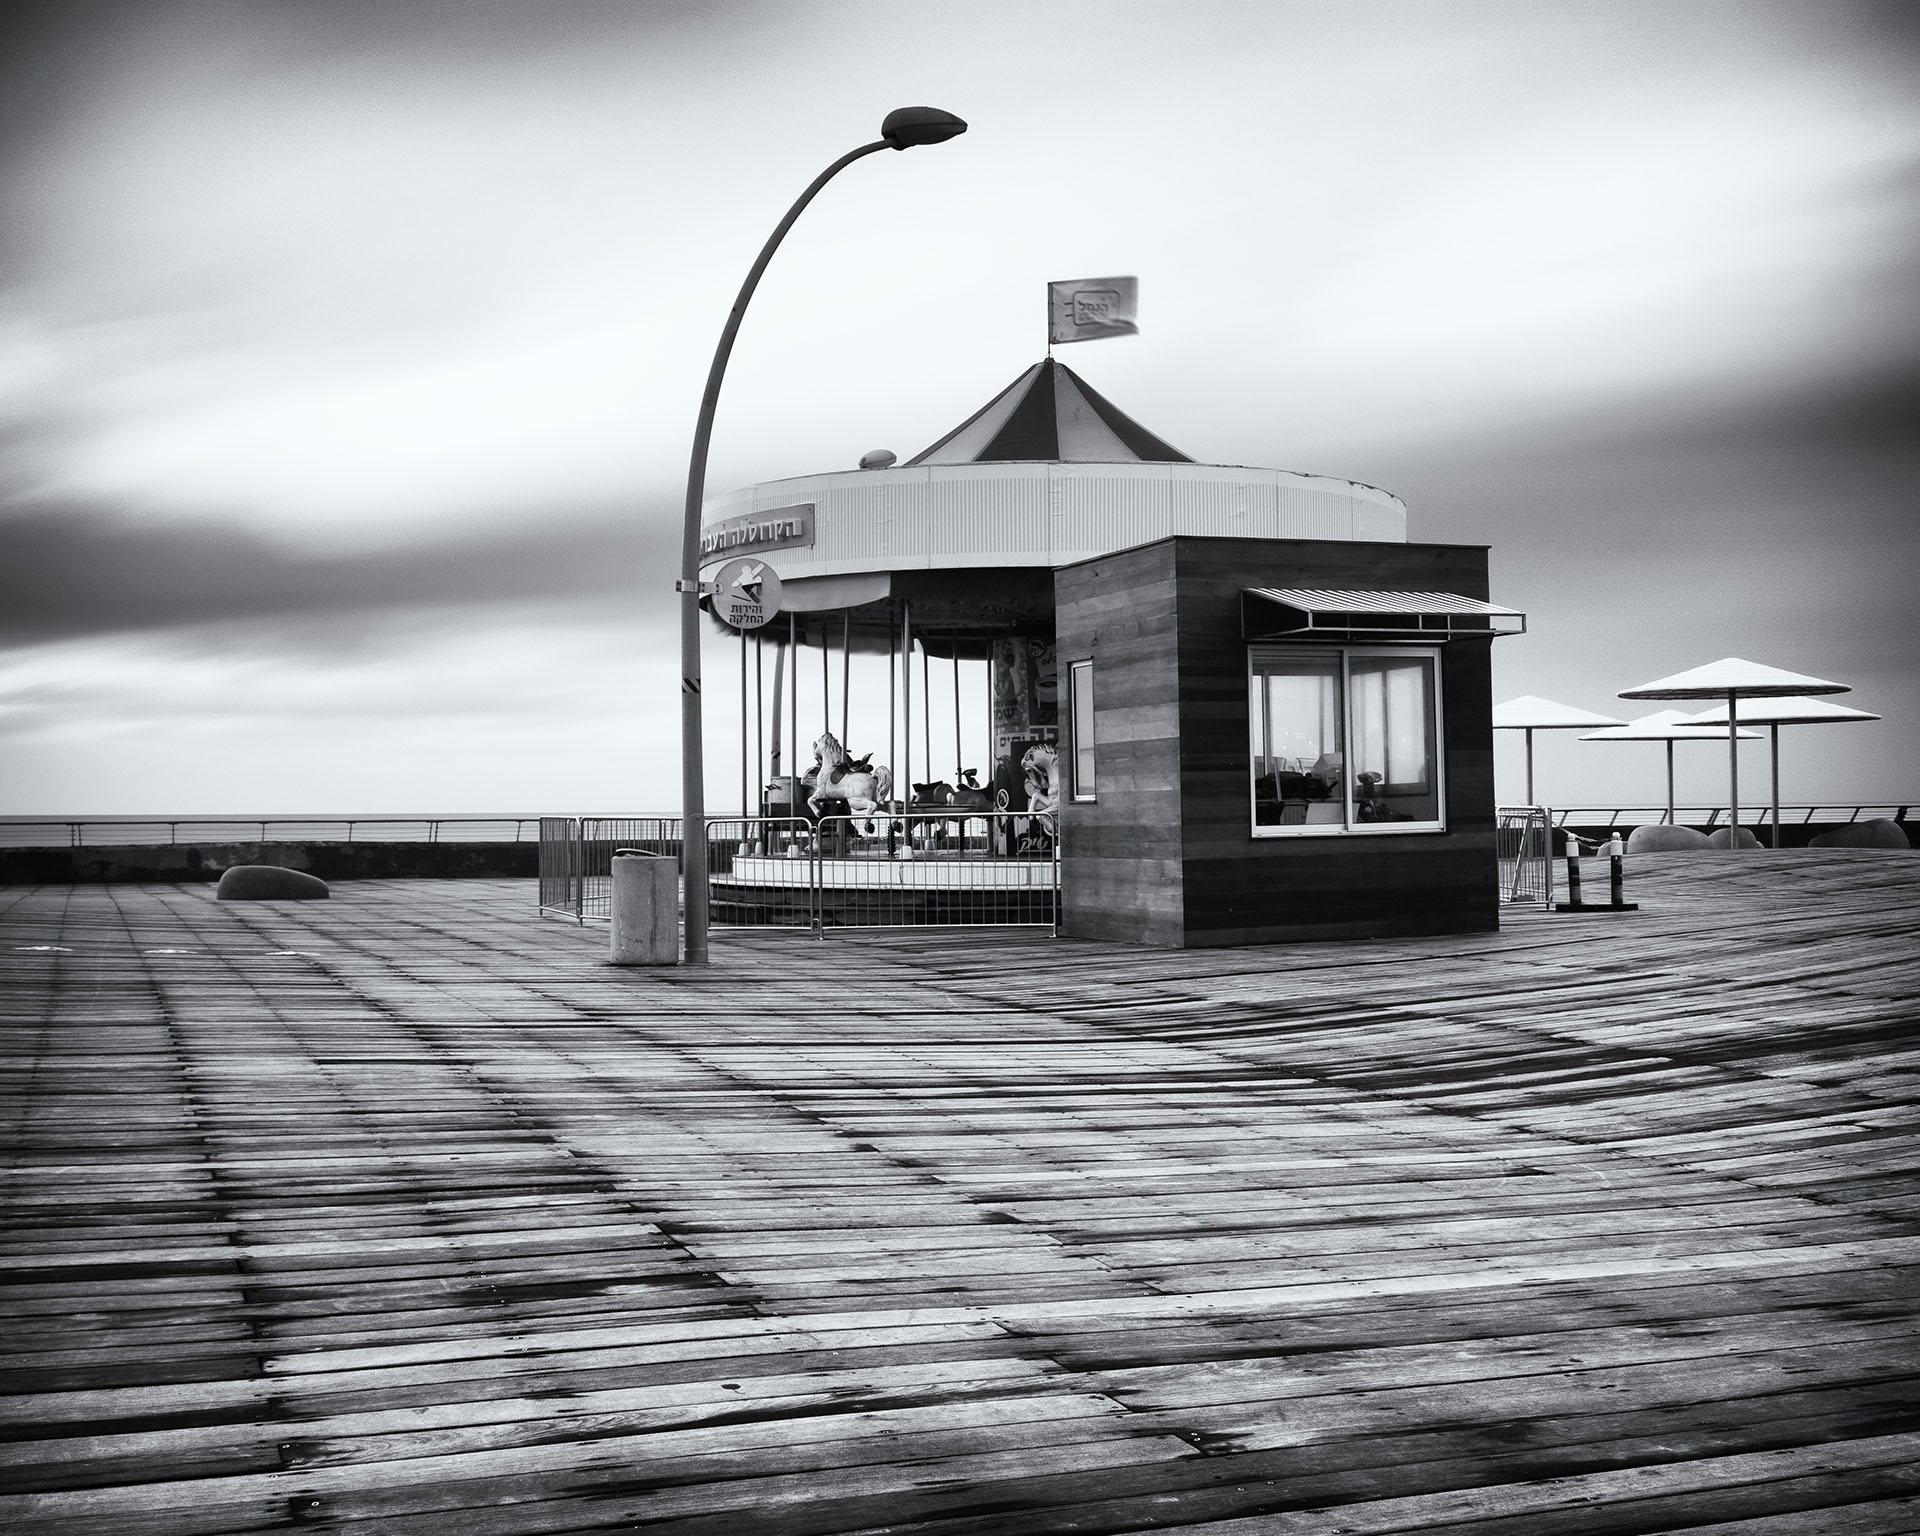 Carousel. Port of Tel-Aviv.